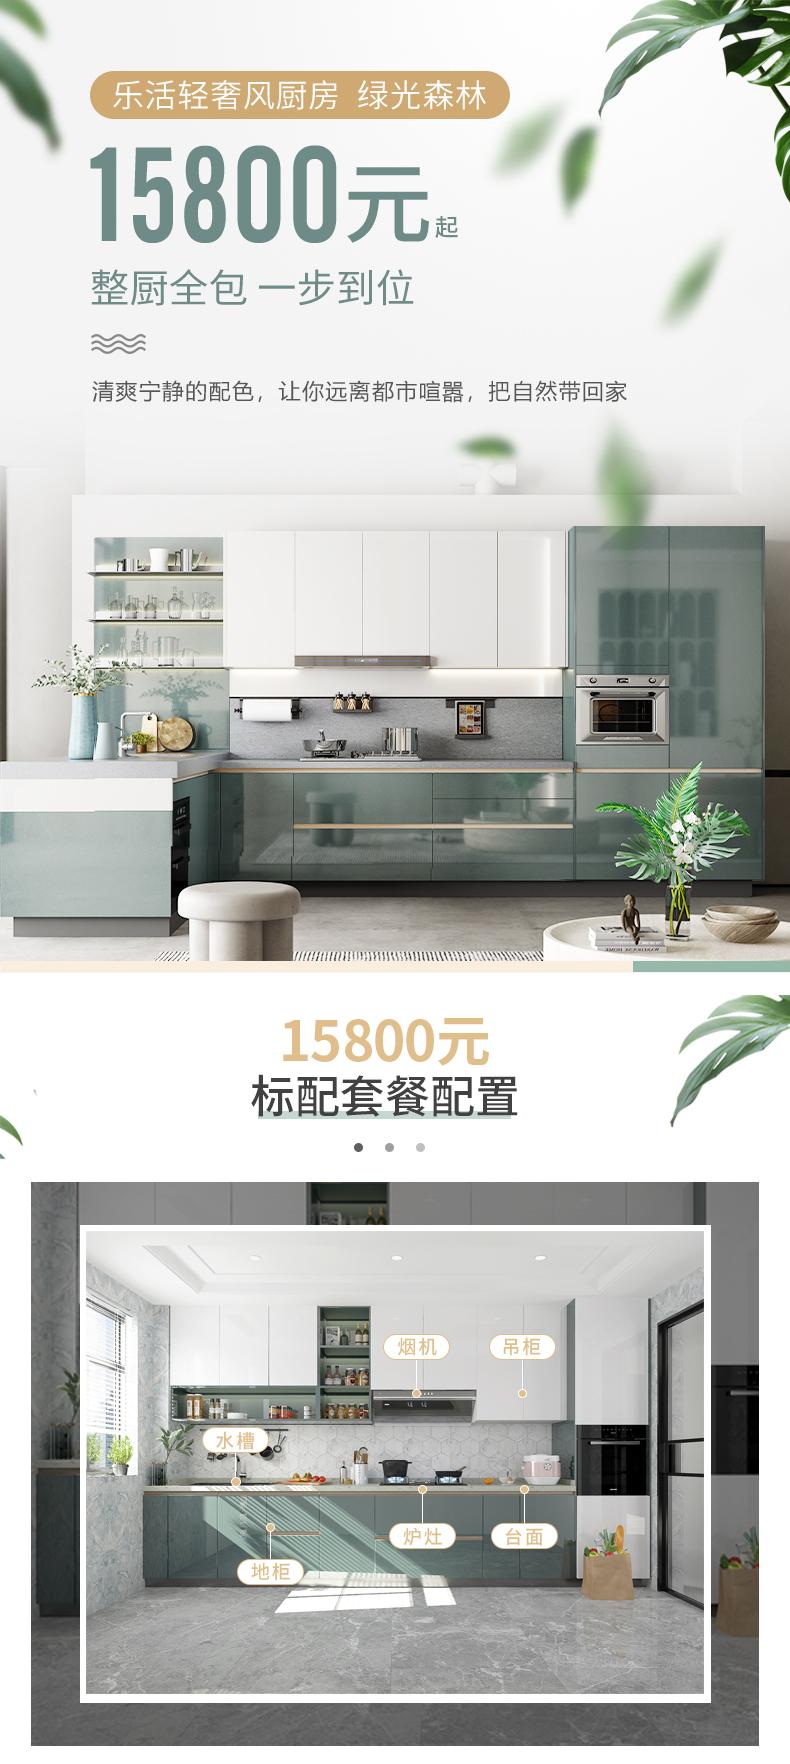 20210907-绿光森林橱柜15800详情页_01.jpg